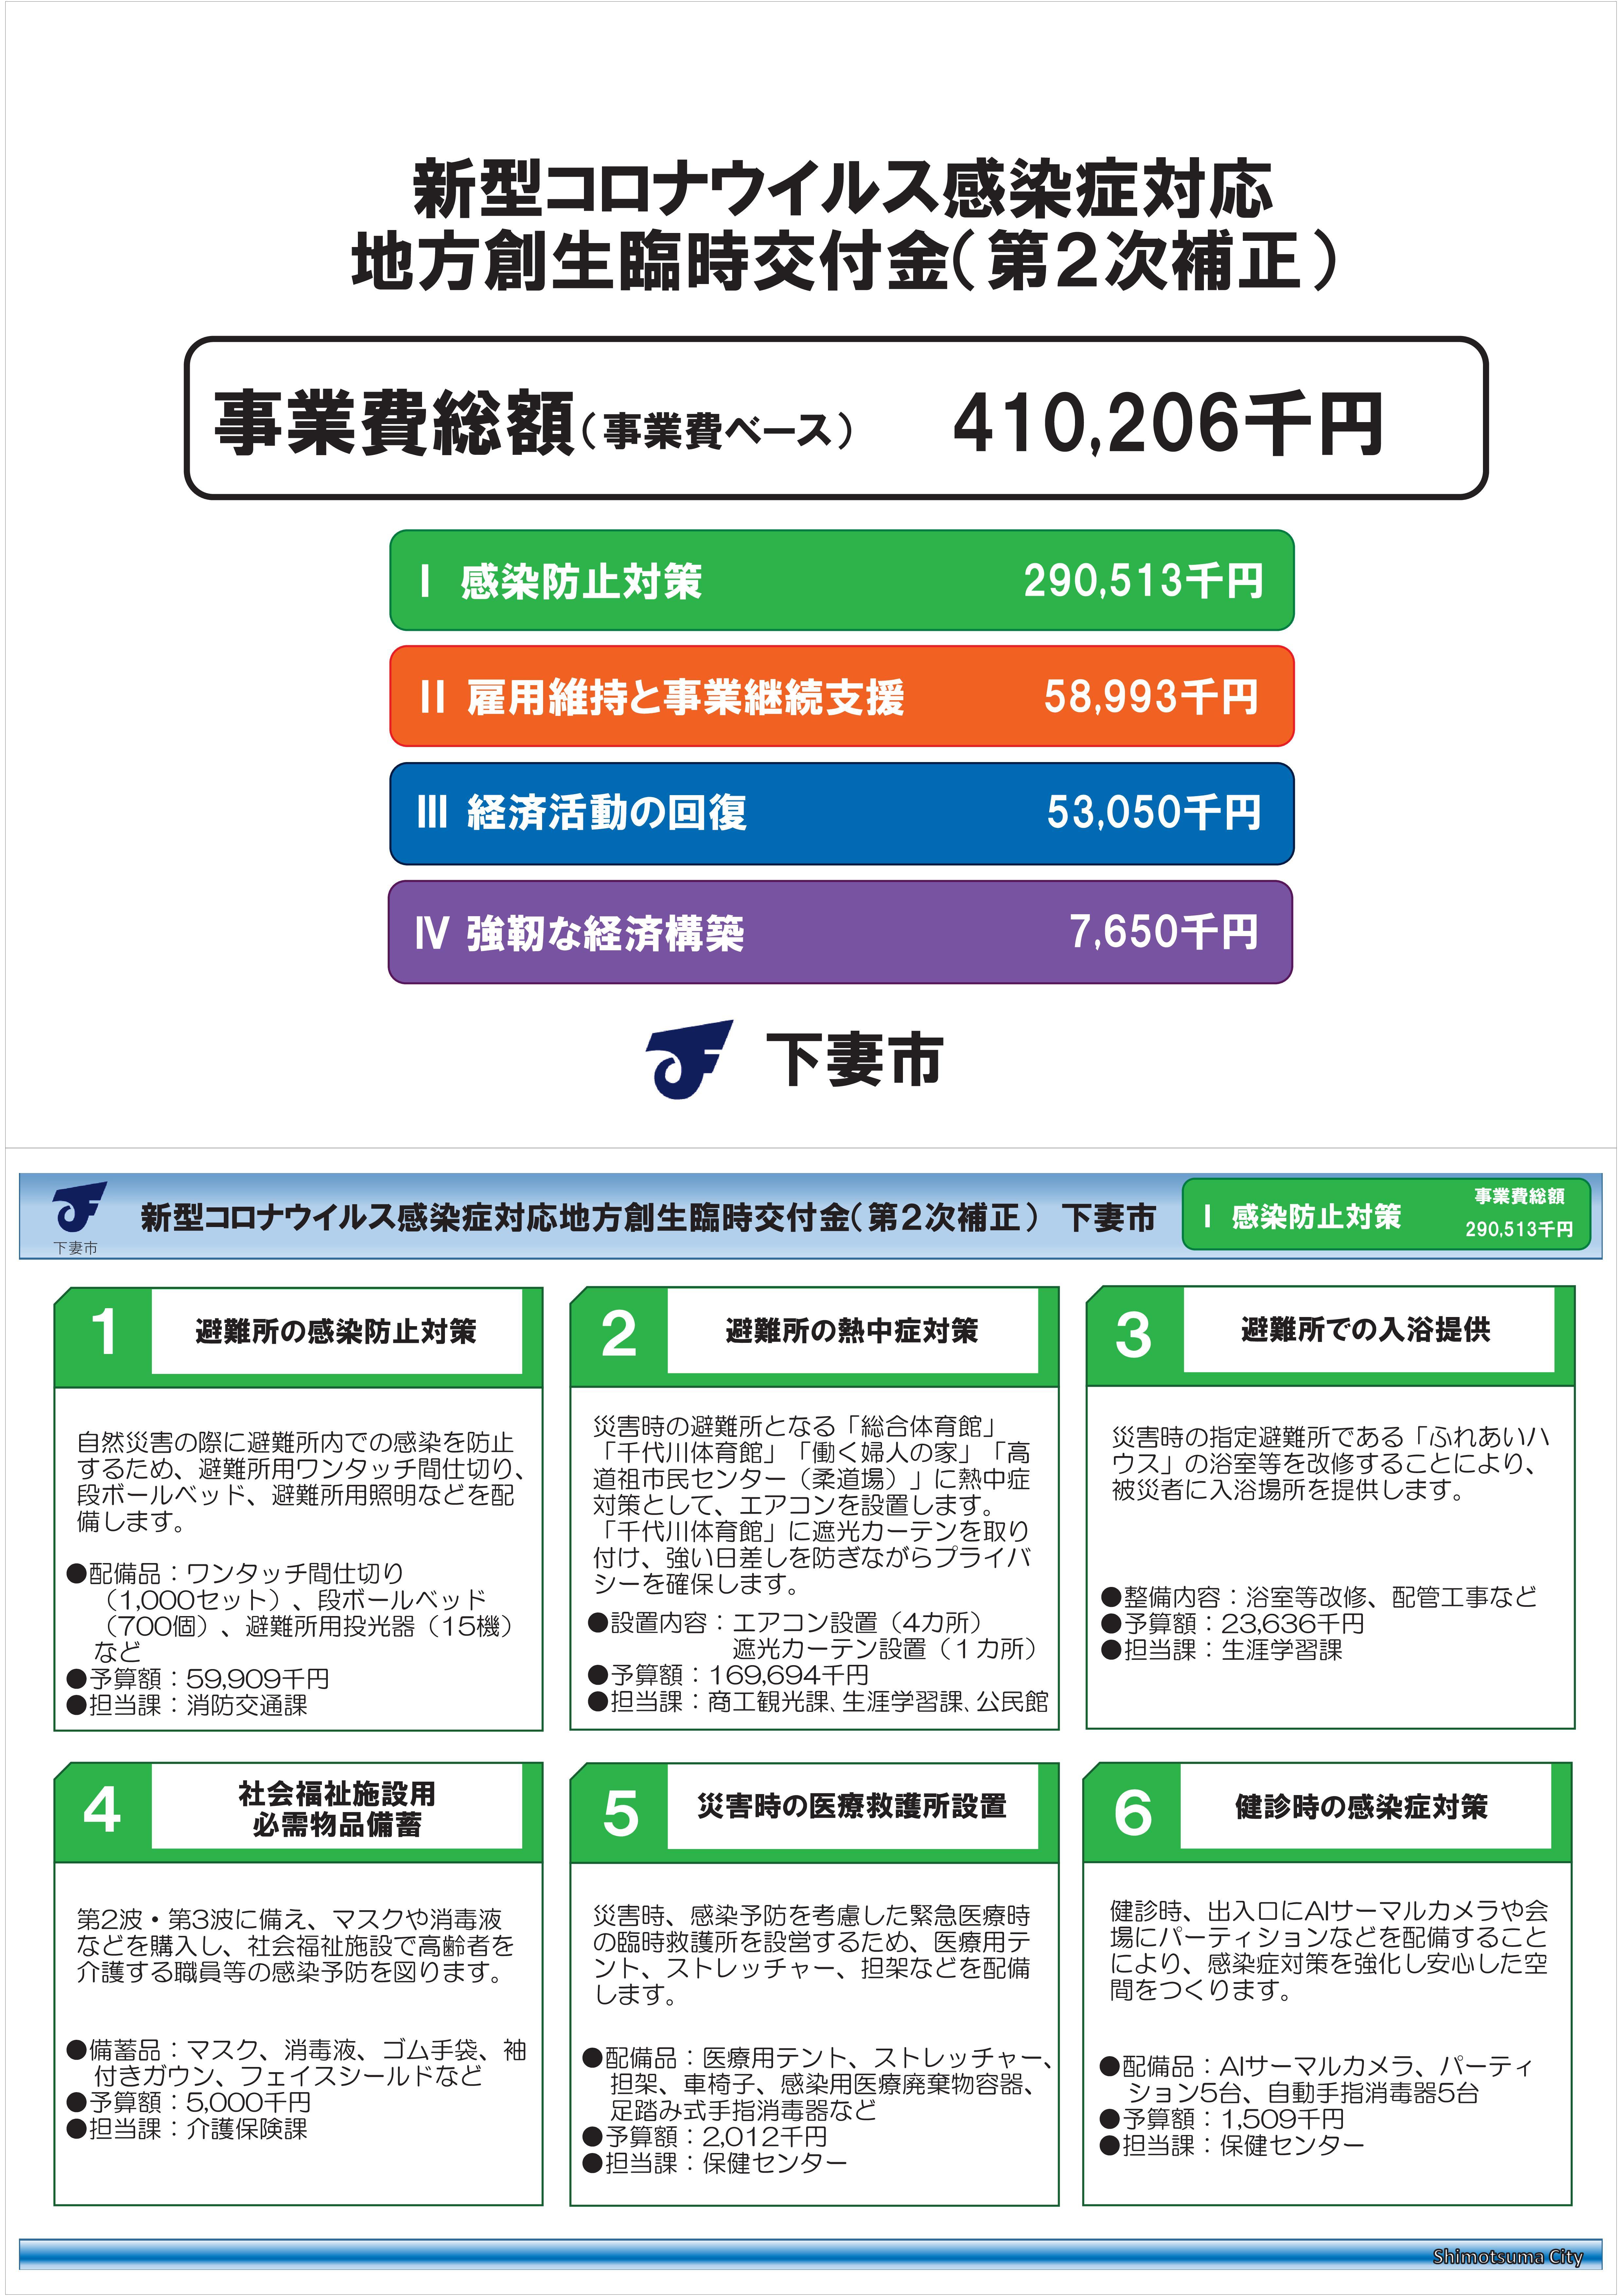 【下妻市】新型コロナウイルス対策施策(9月公表)-1